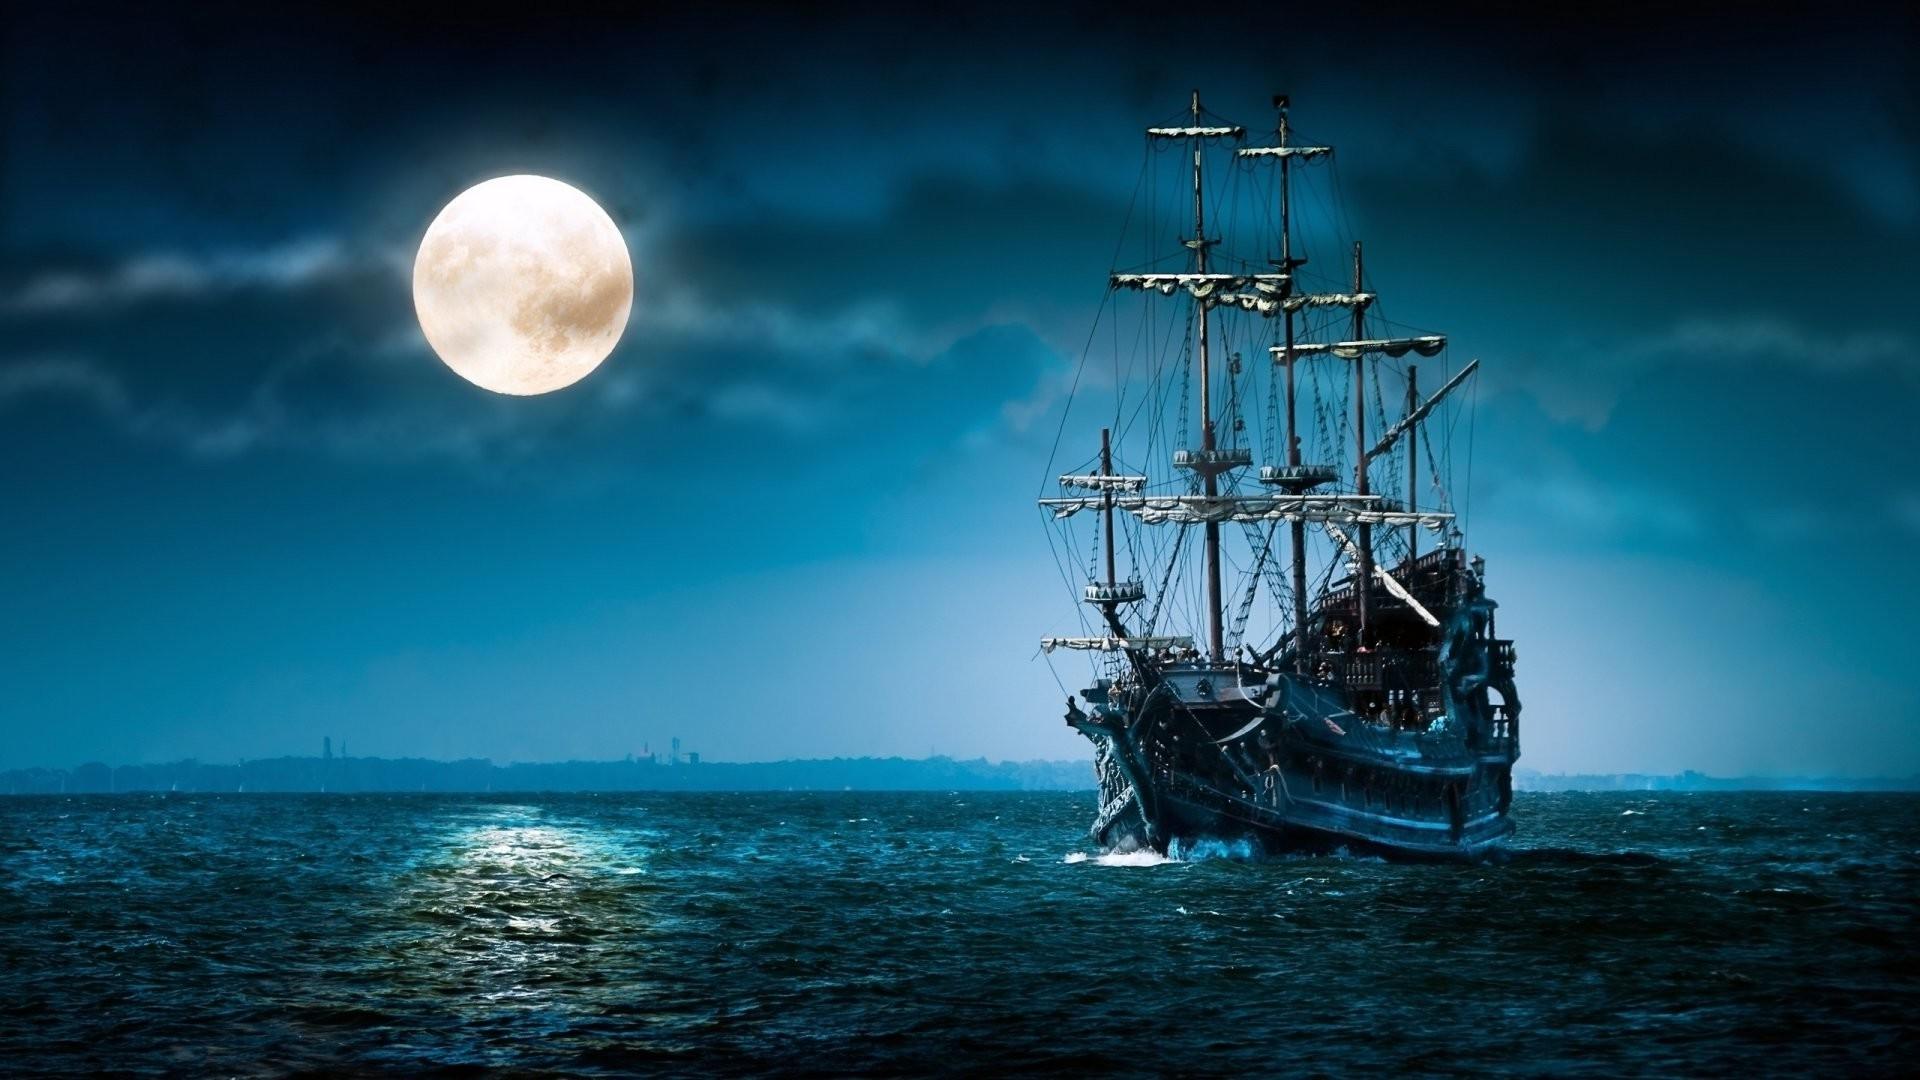 простые картинки с морскими кораблями подозрение, что это